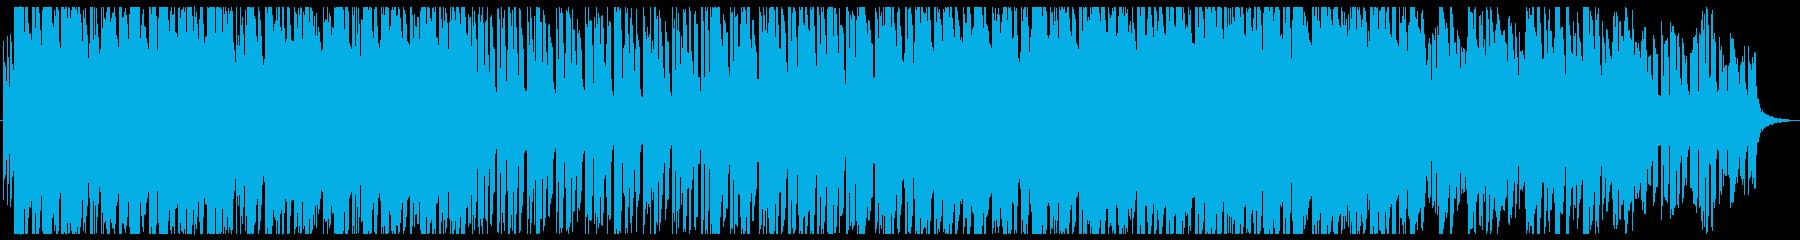 ゲームのリザルト画面など用の曲の再生済みの波形